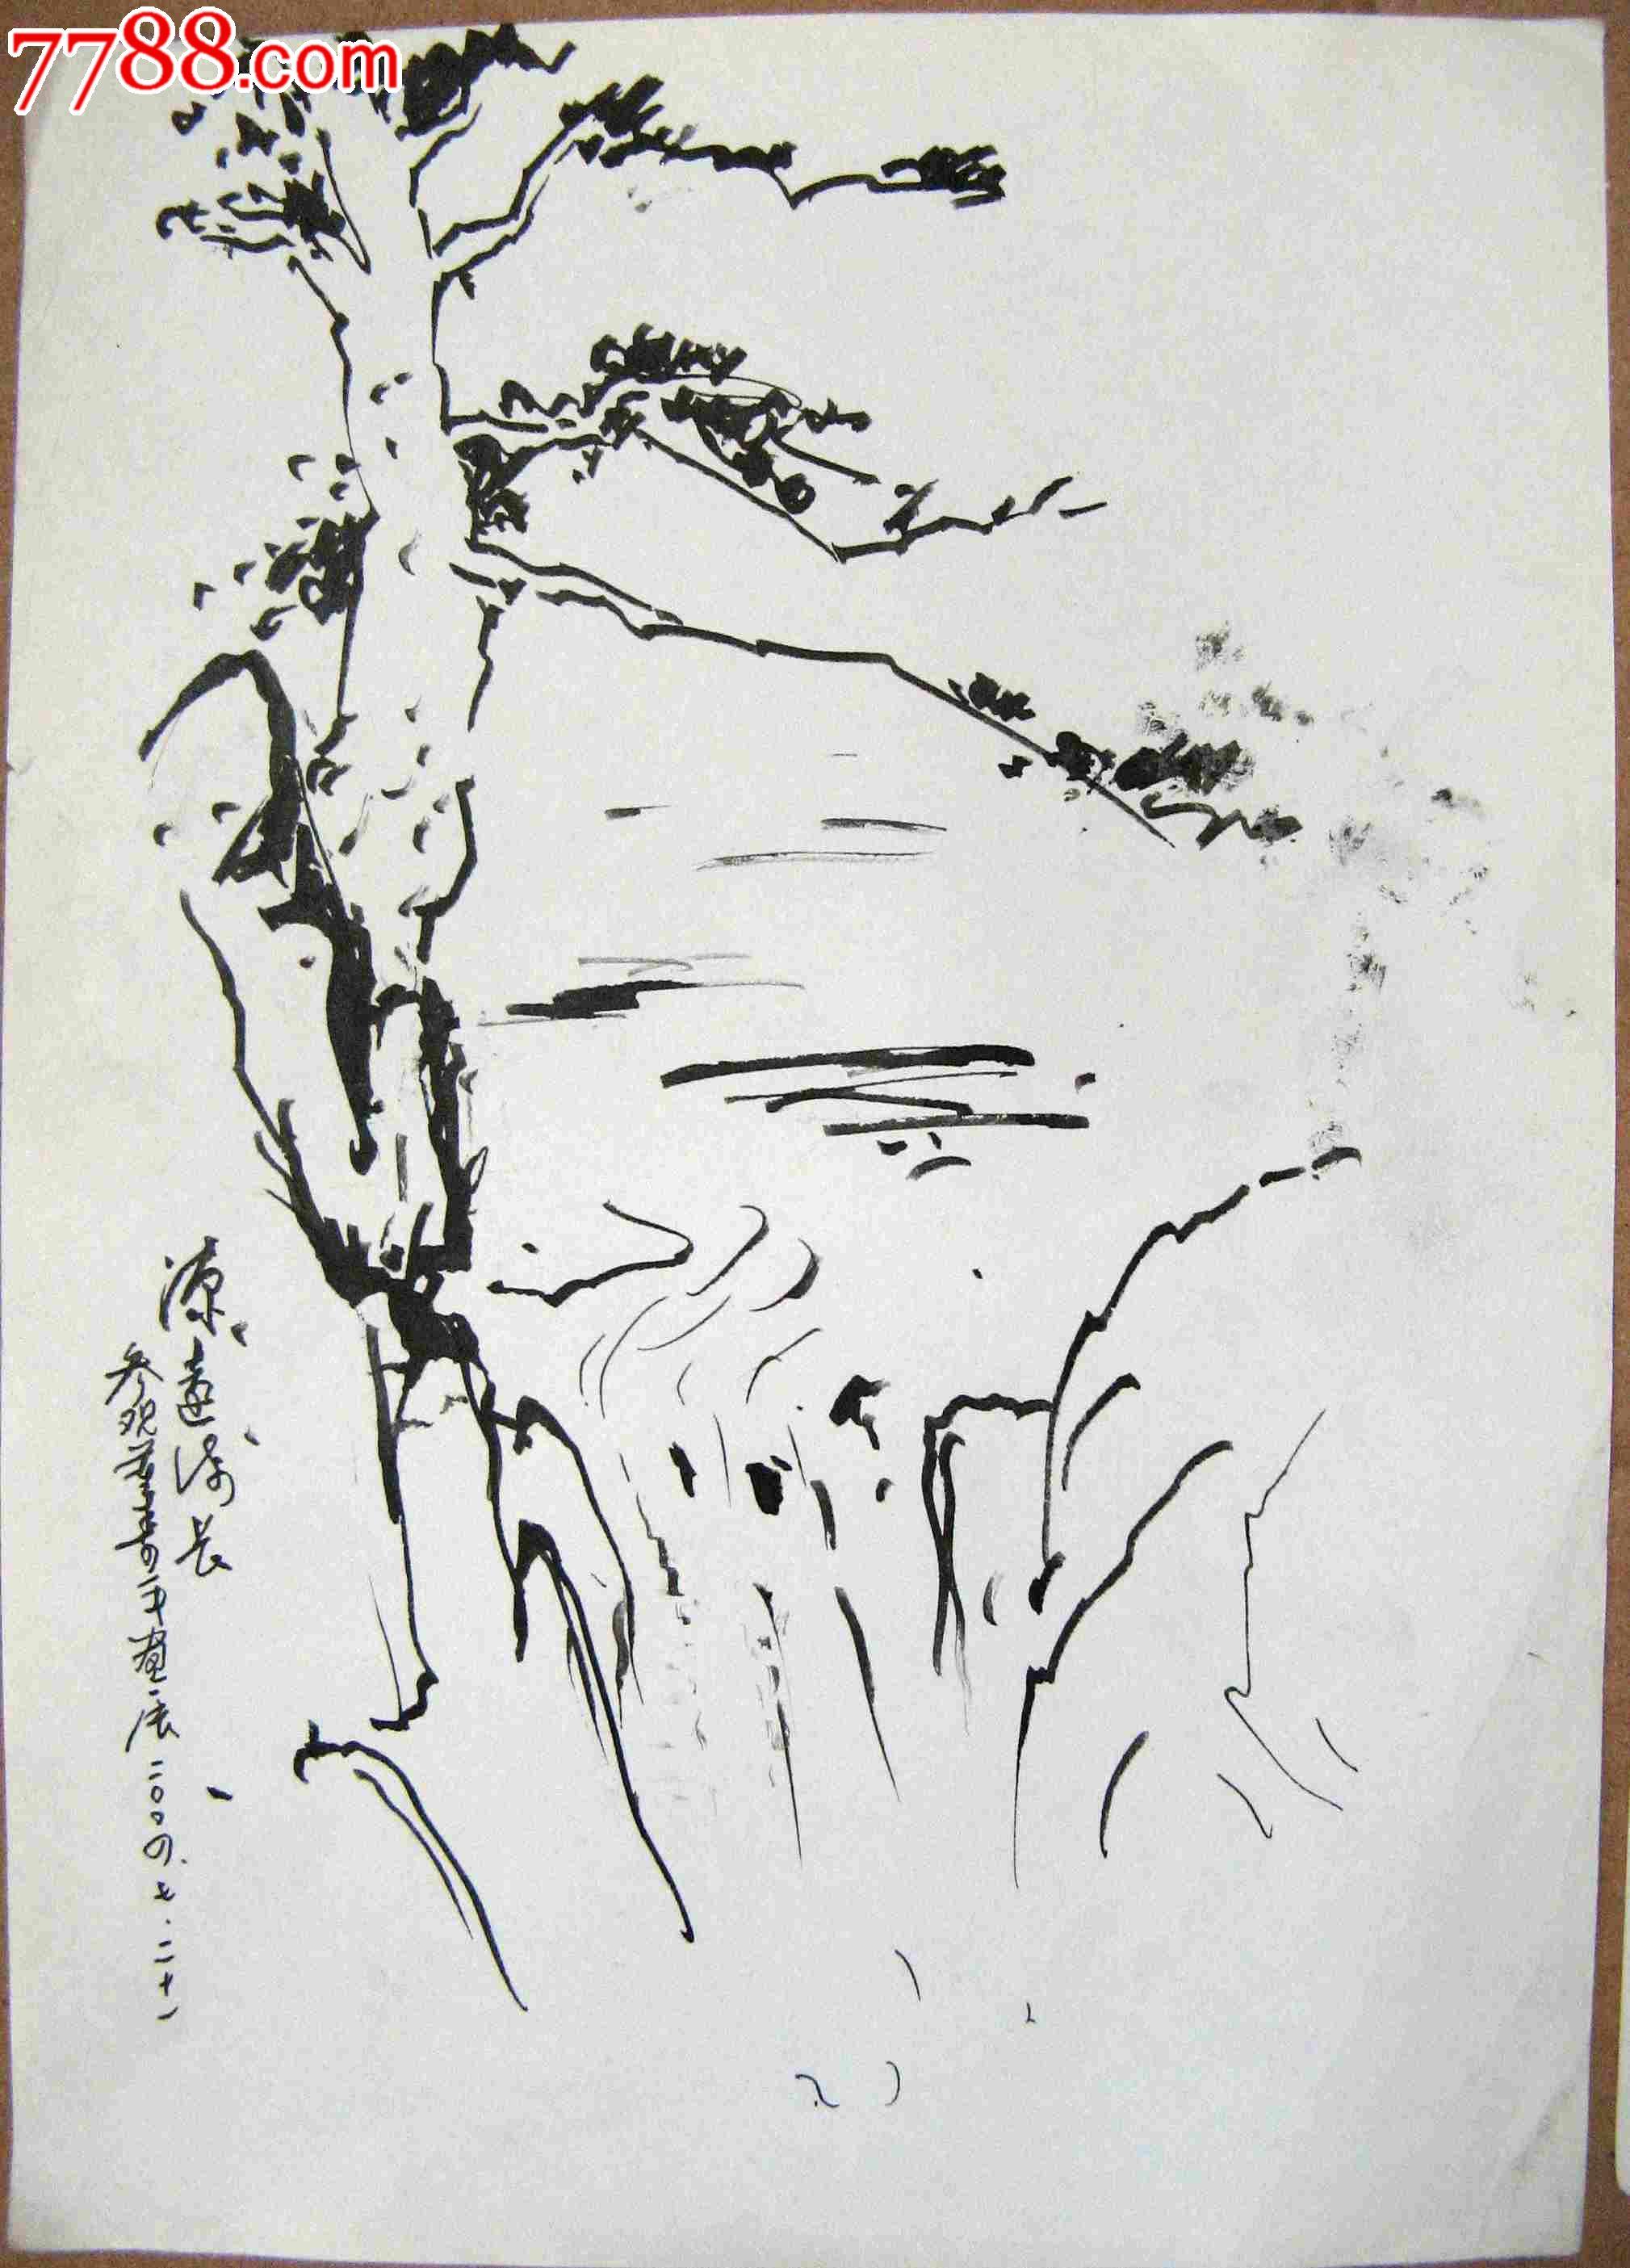 画家素描画稿树木画2幅《参观董寿平画展》